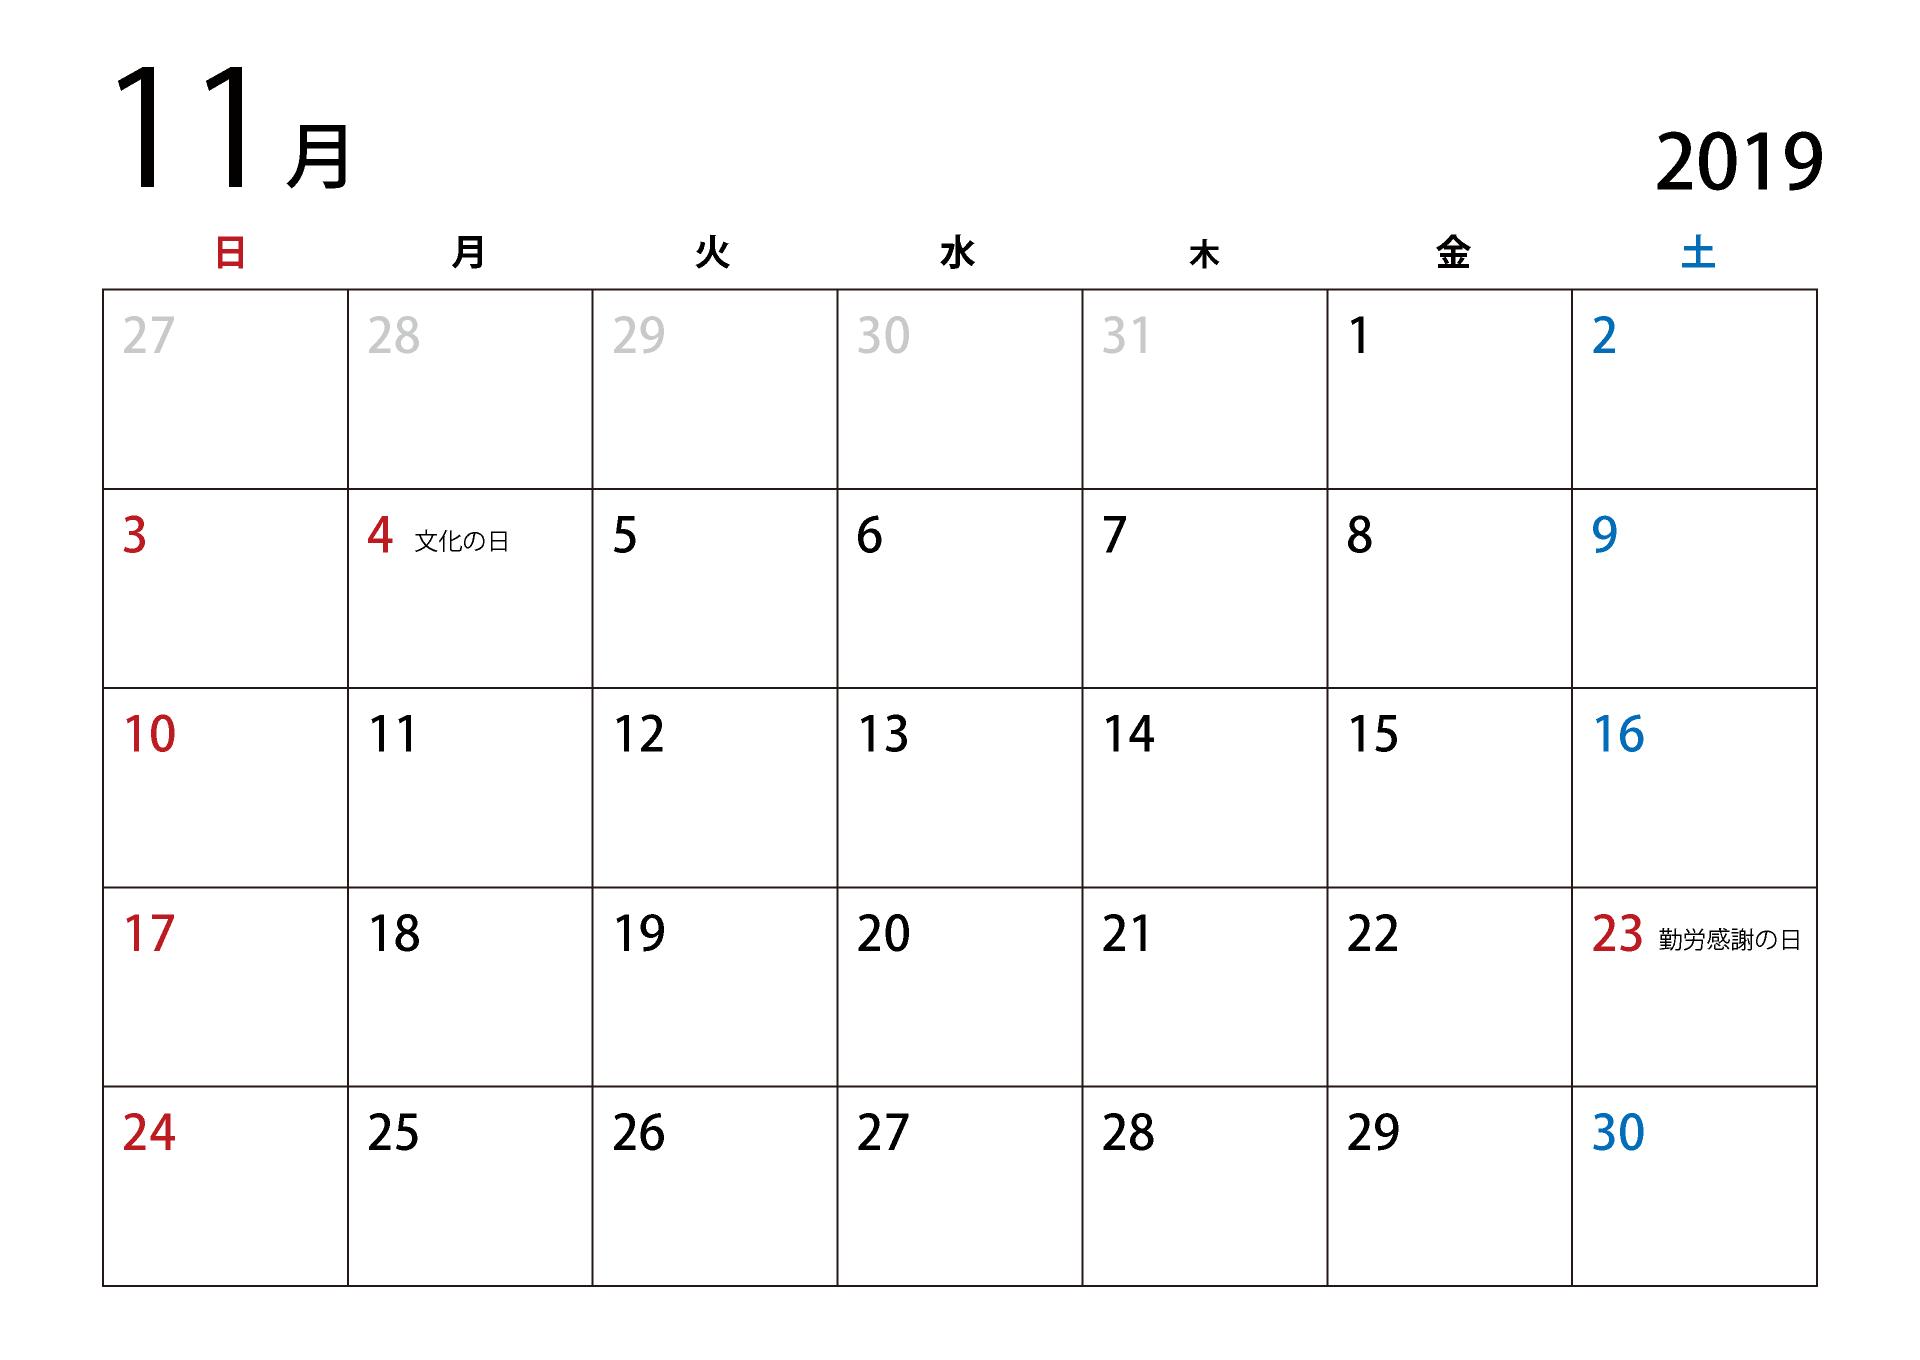 2019年11月カレンダー 日本語 のフリーダウンロード画像 Ii 8月 カレンダー 11月 カレンダー カレンダー シンプル